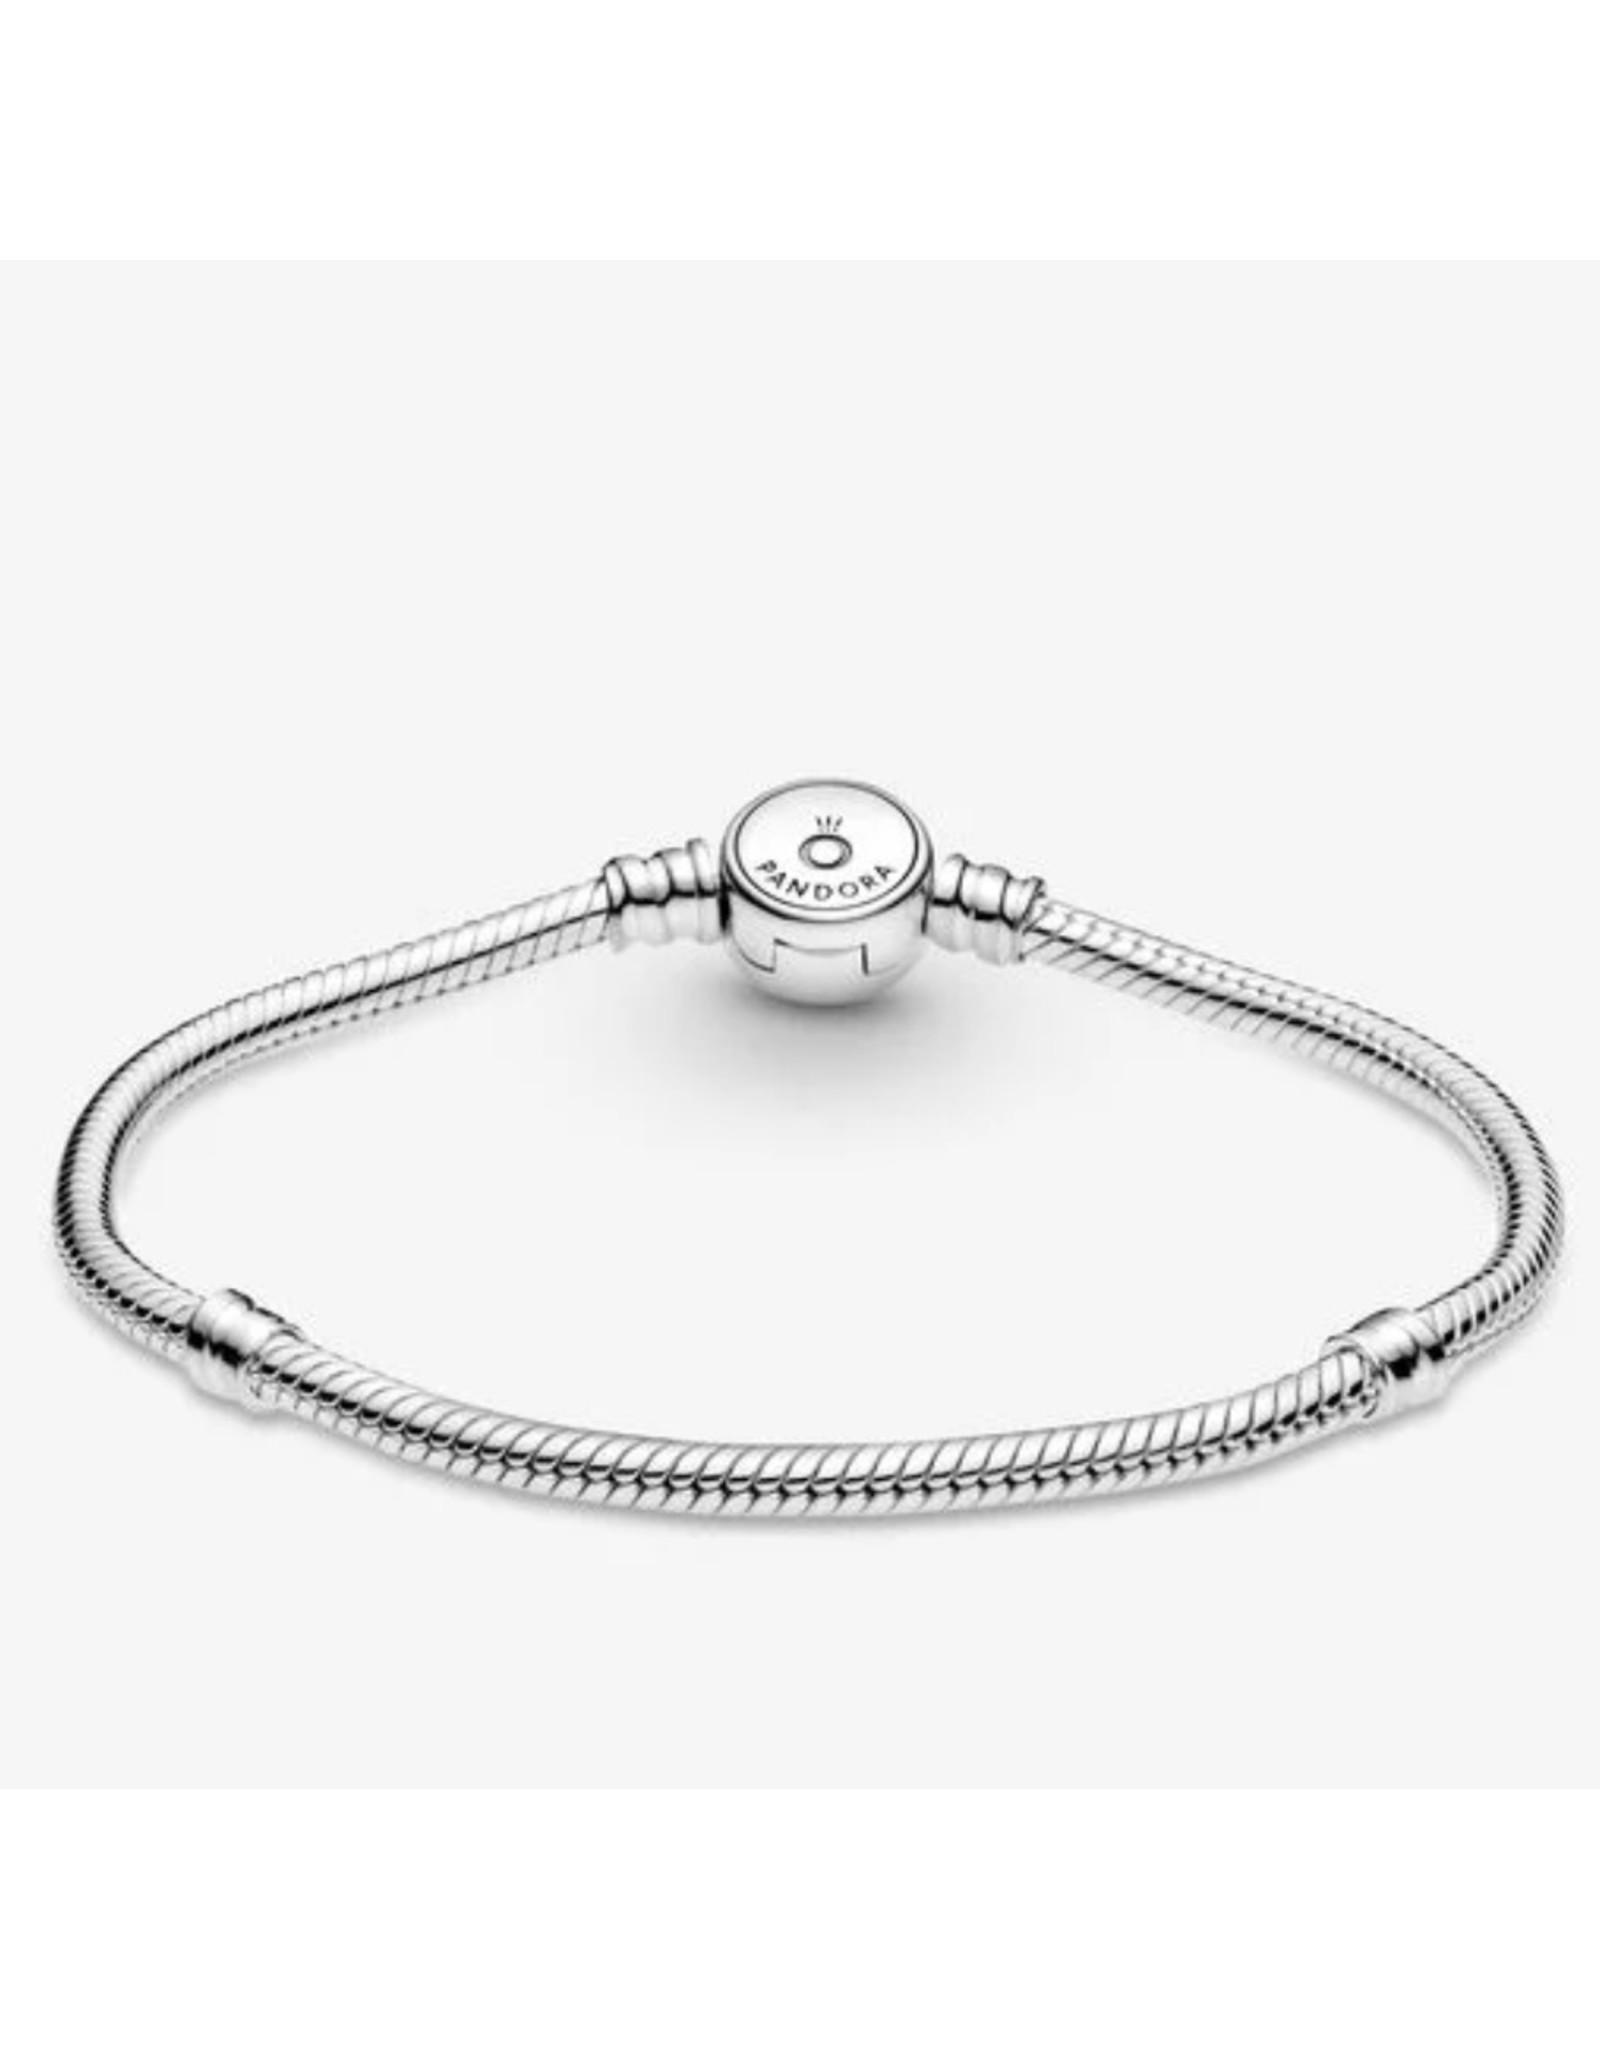 Pandora Pandora Bracelet,599288C01,Sparkling Blue Disc Clasp